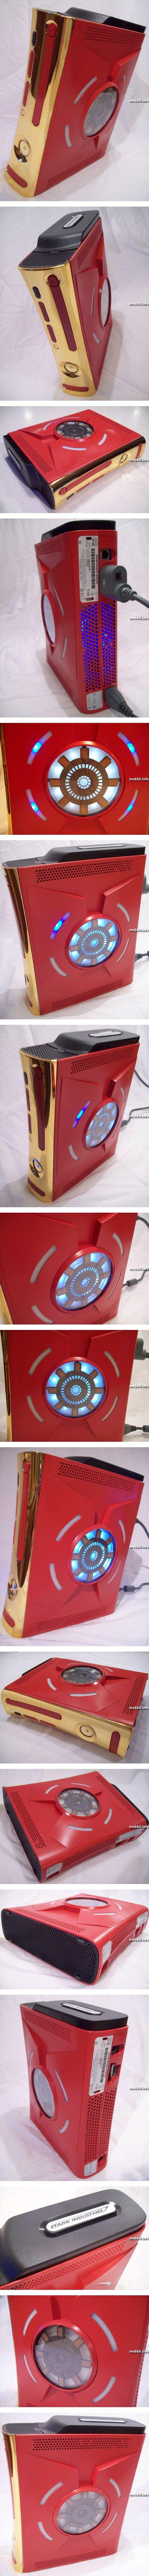 Xbox 360 для Железного человека